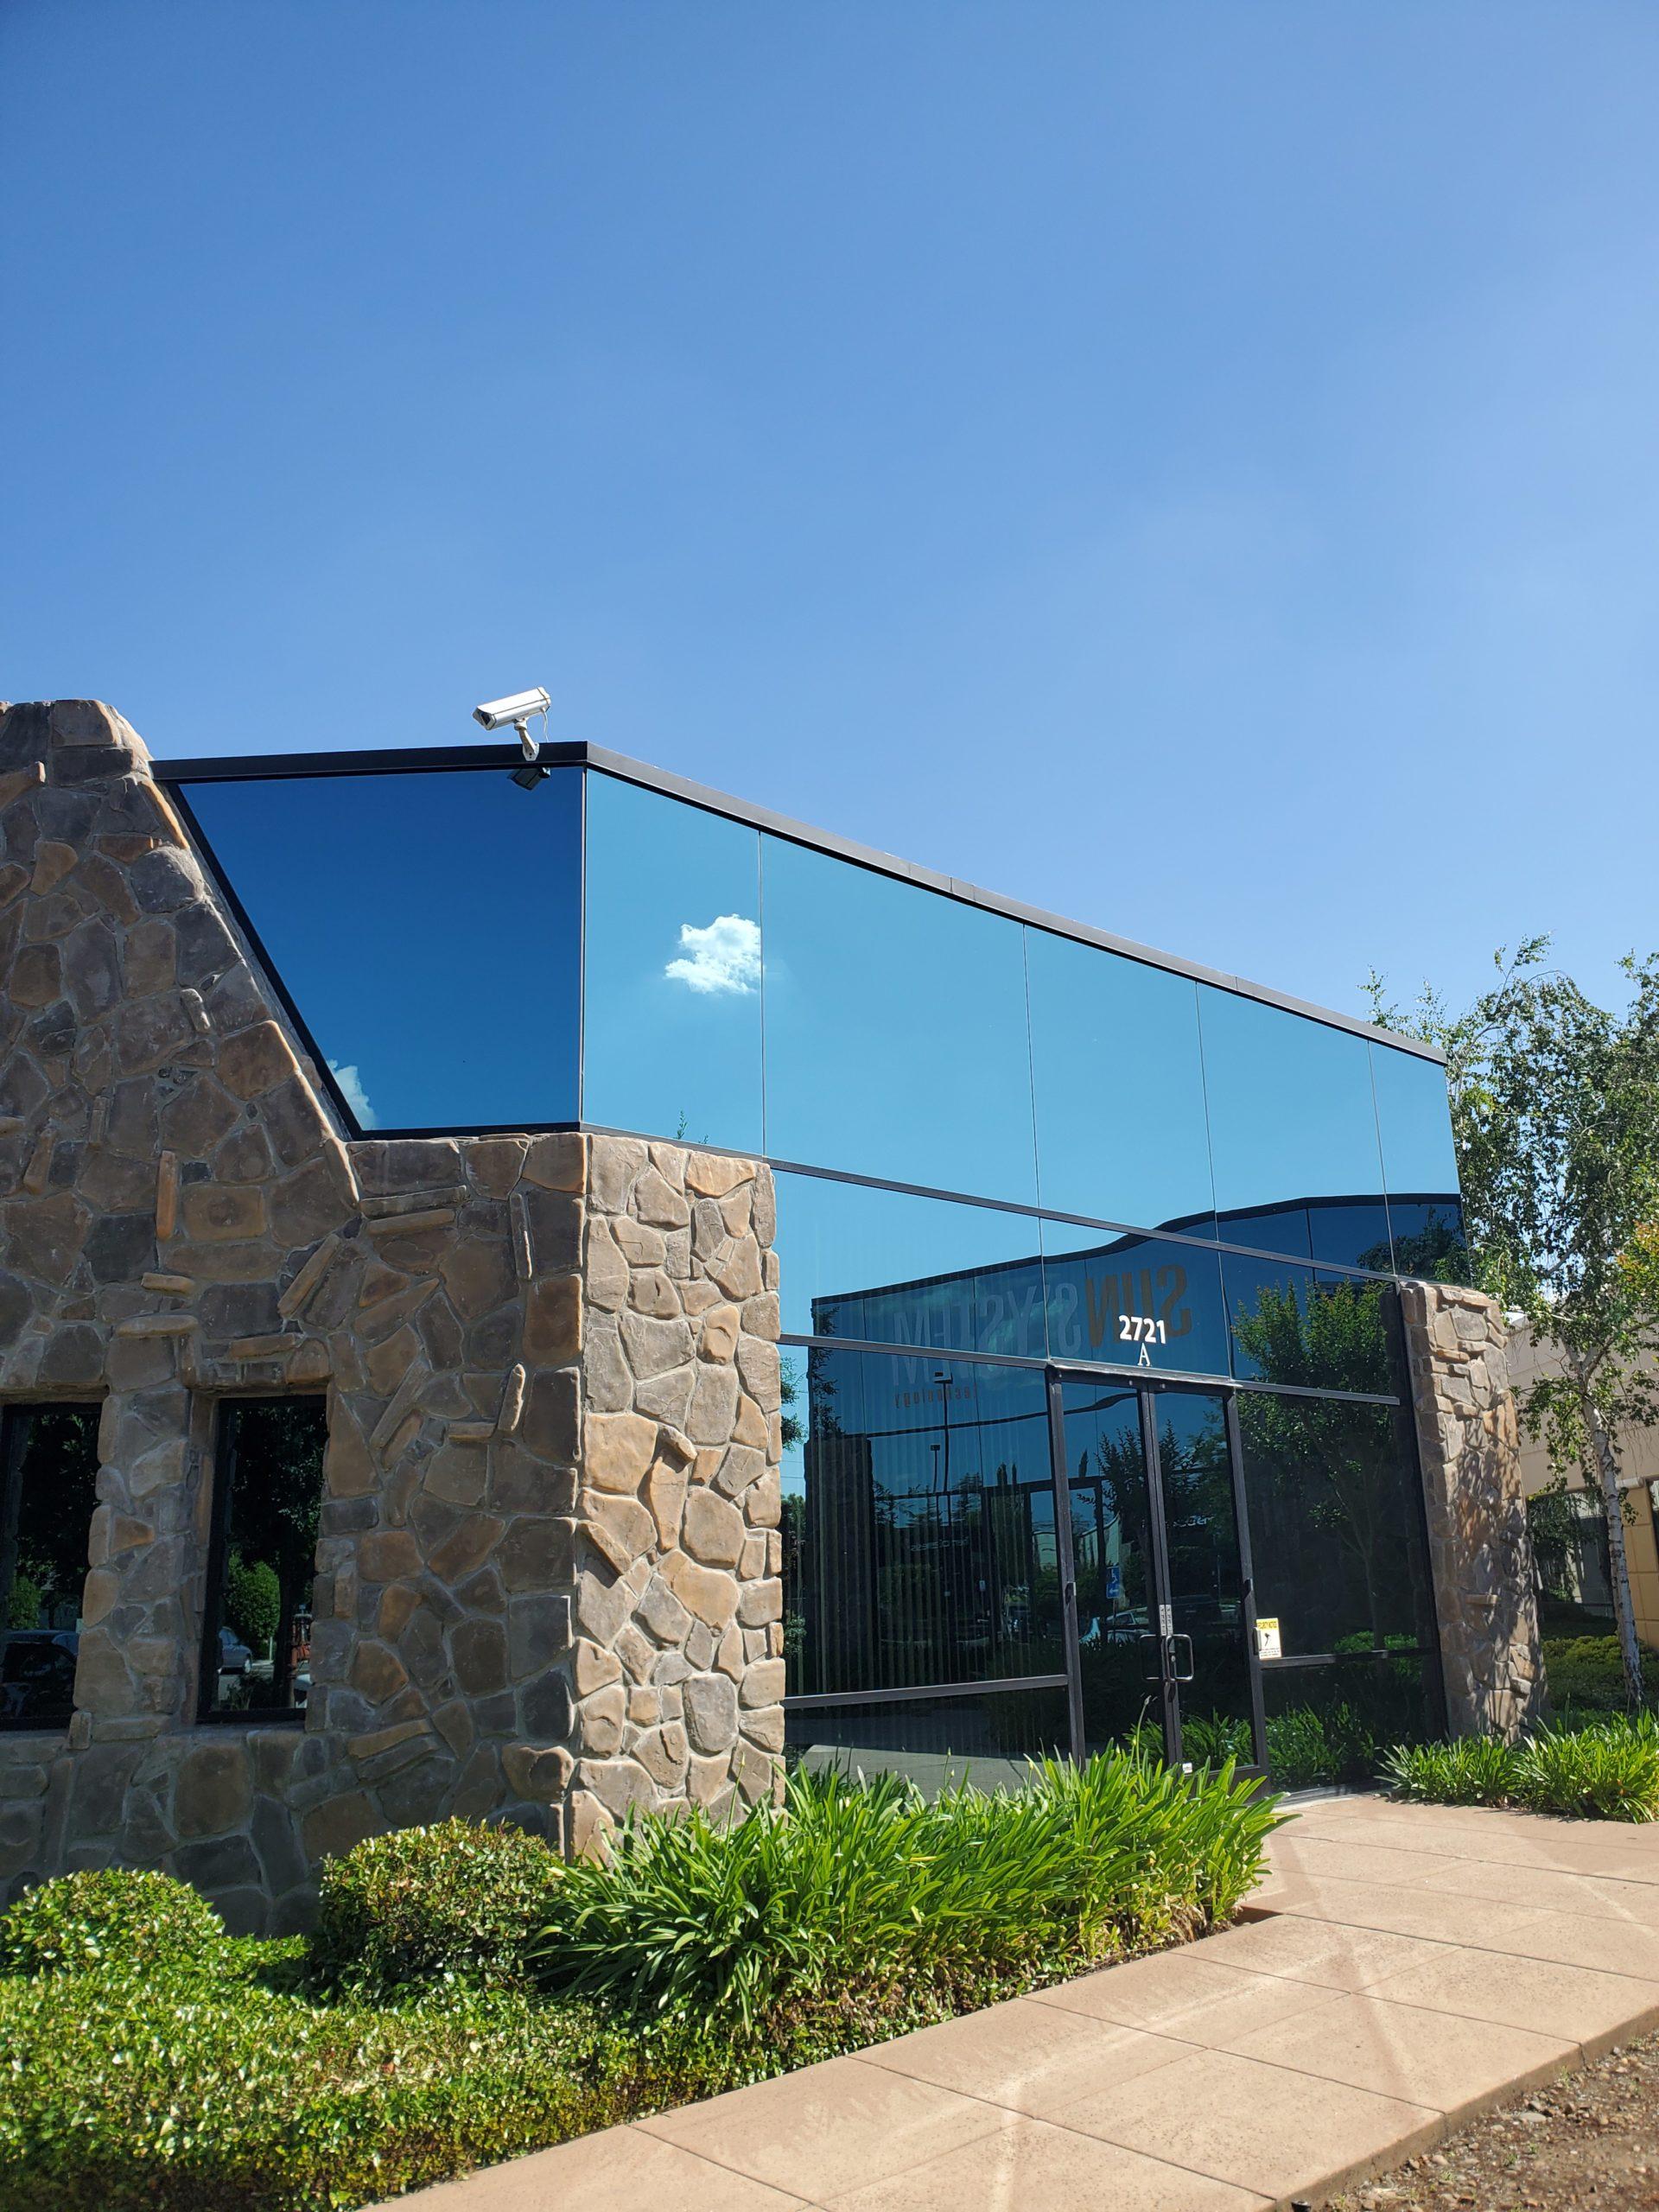 Inszone Insurance Services Rancho Cordova Office - Lead Image for Rancho Cordova Location